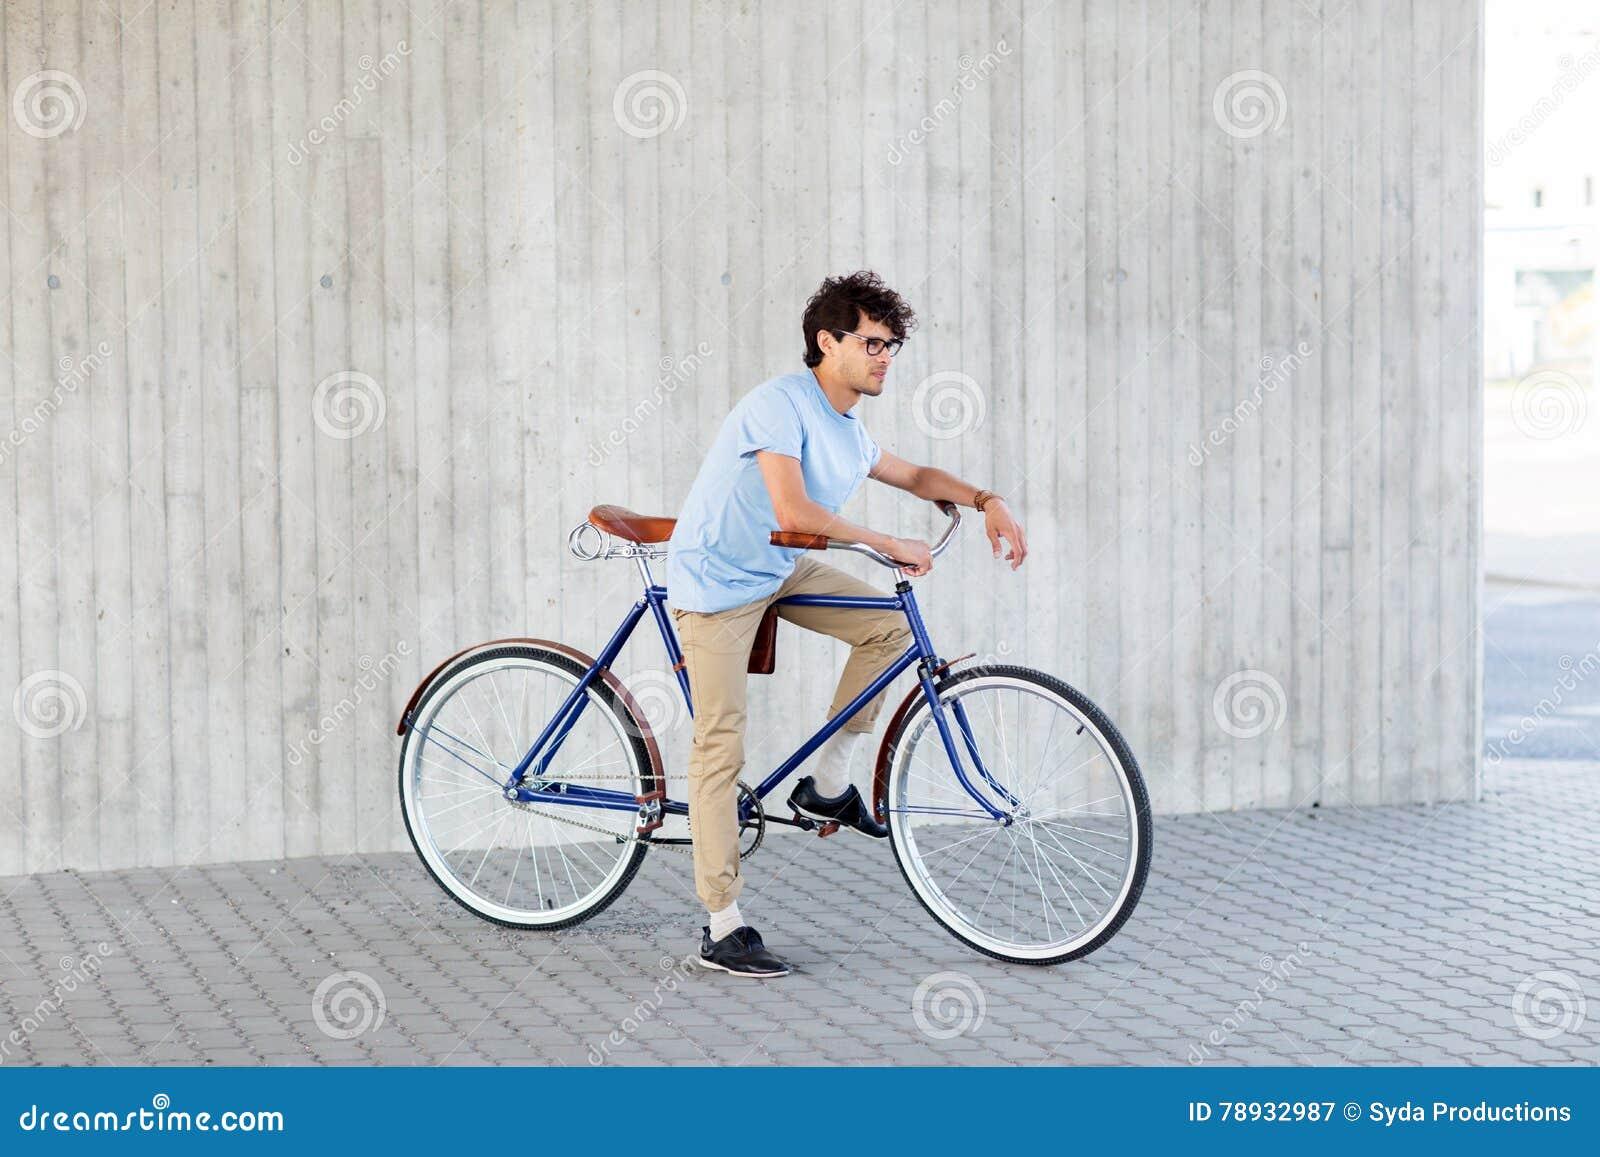 9a81f4bd9e2584 La gente, stile, svago e stile di vita - bici fissa di guida  dell'ingranaggio del giovane uomo dei pantaloni a vita bassa sulla via  della città